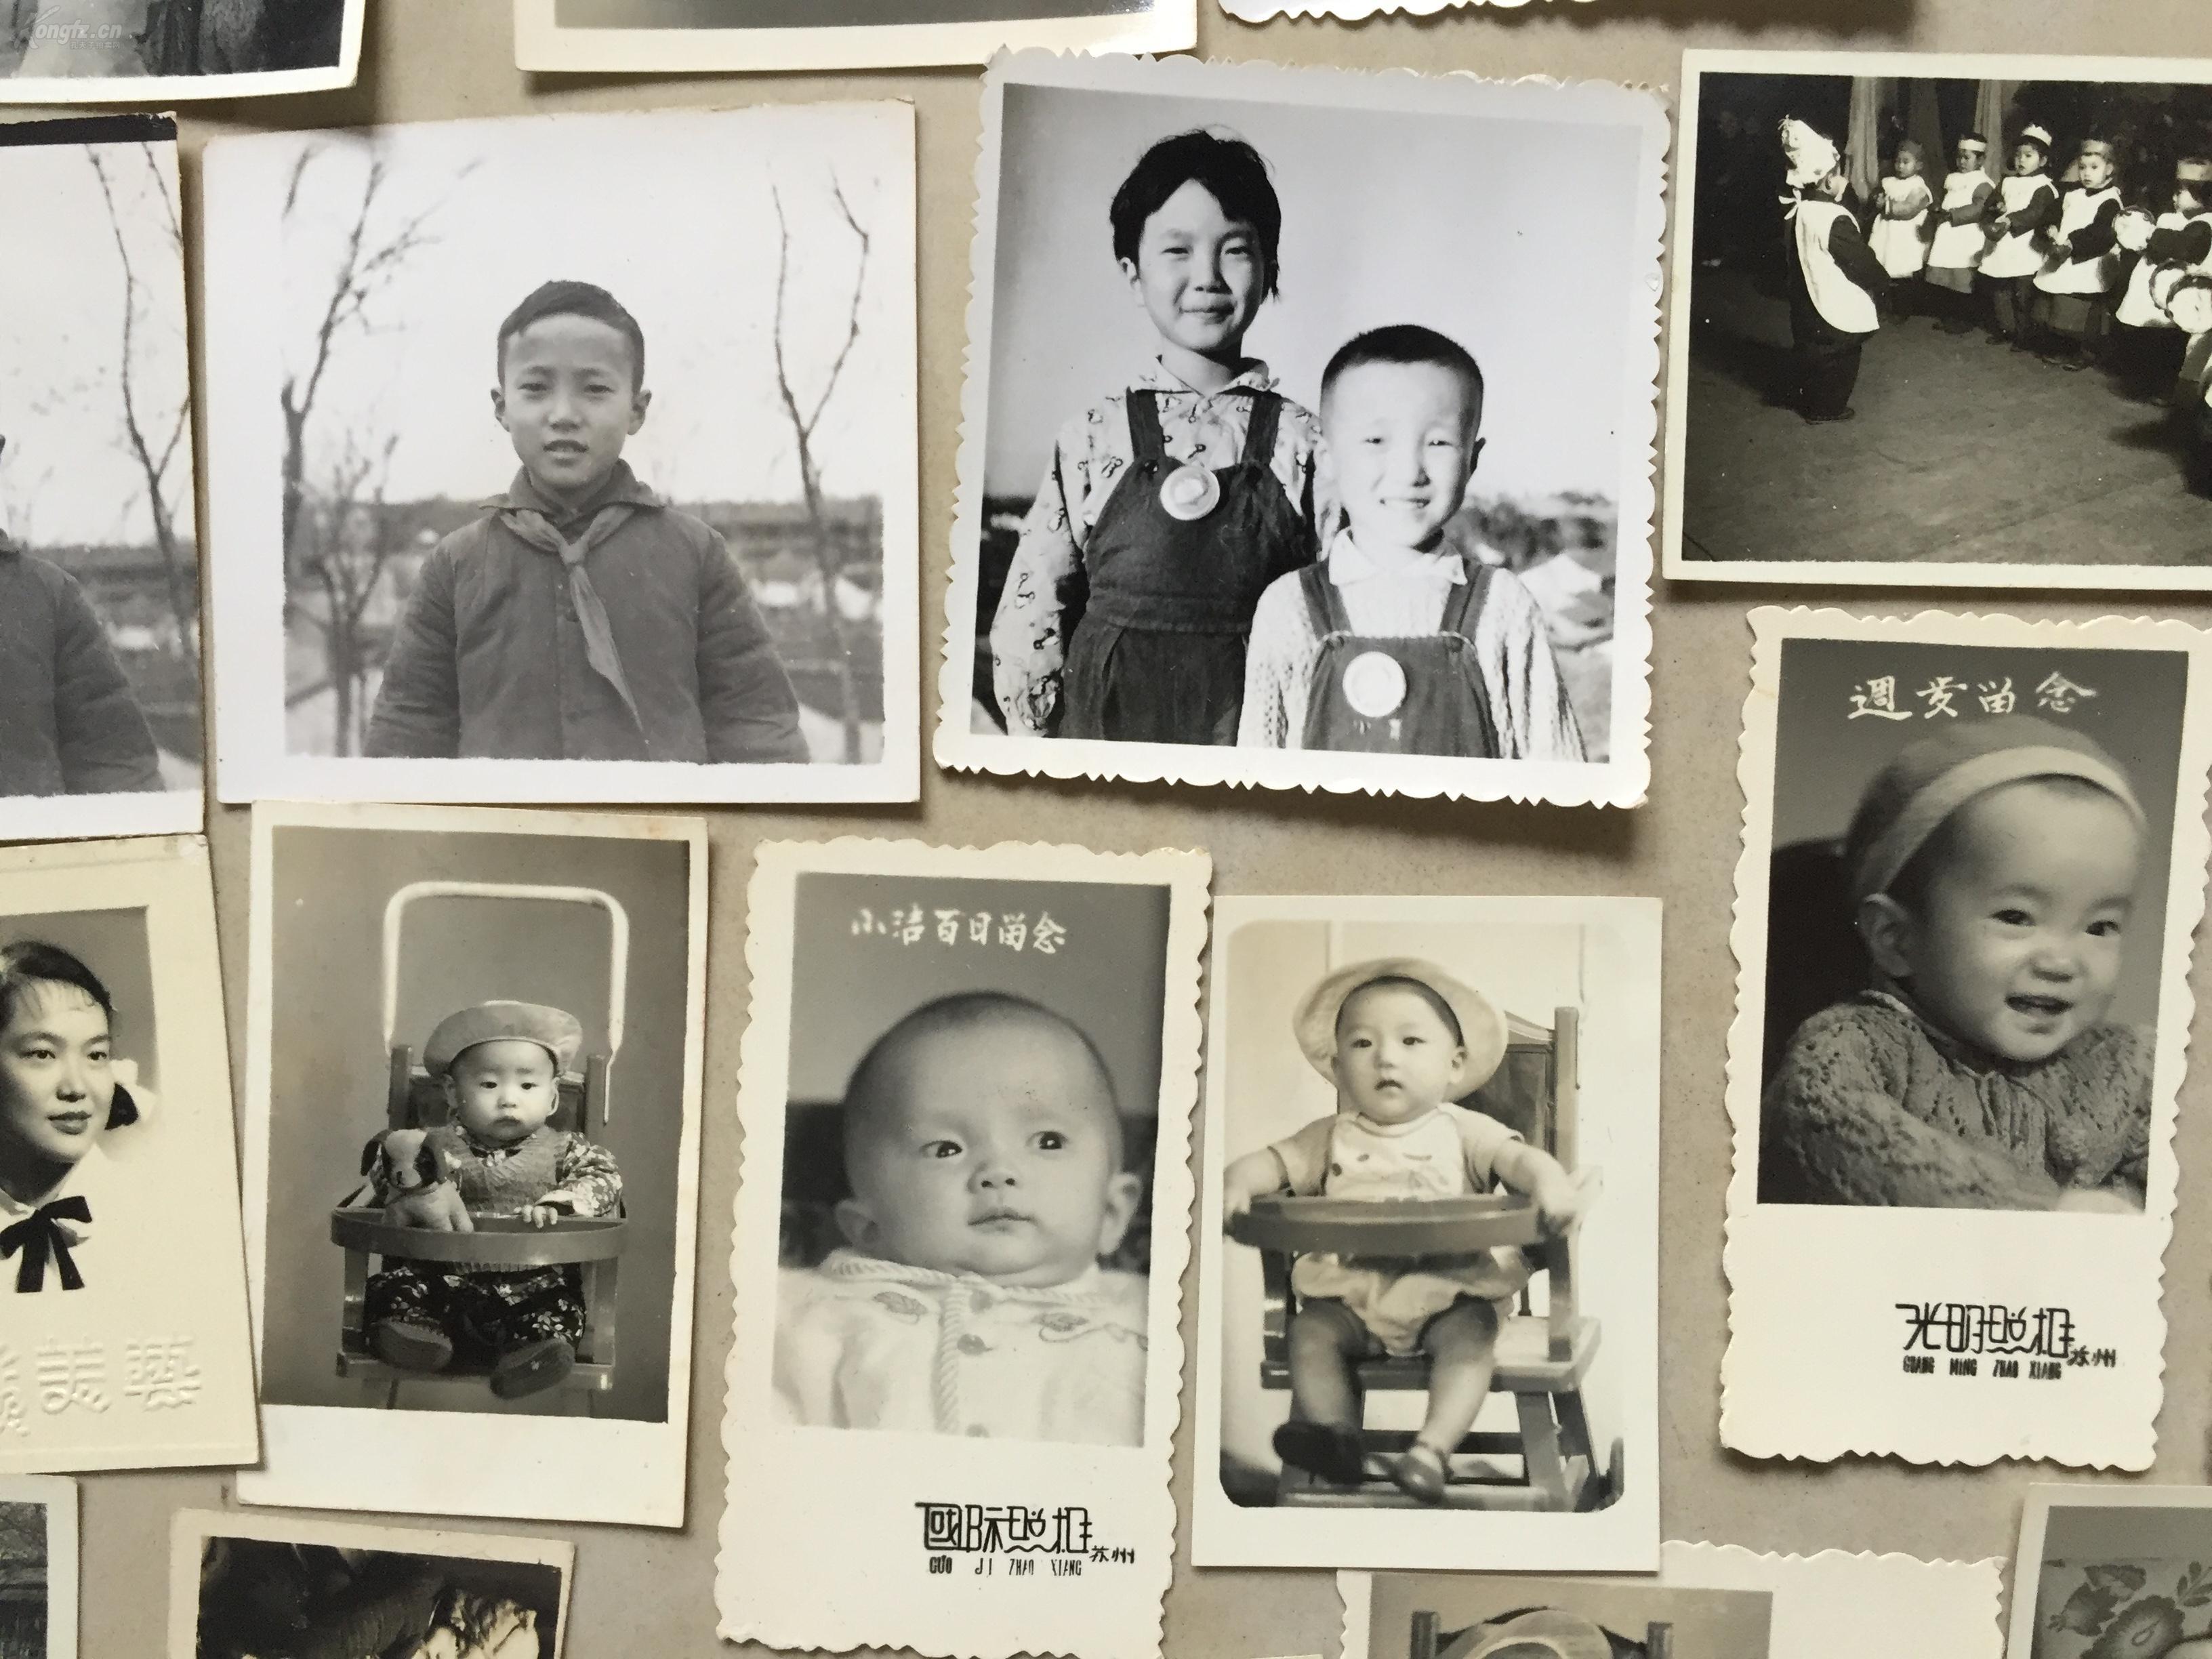 五十年代老照片:我的童年回忆、苏州风景、戴